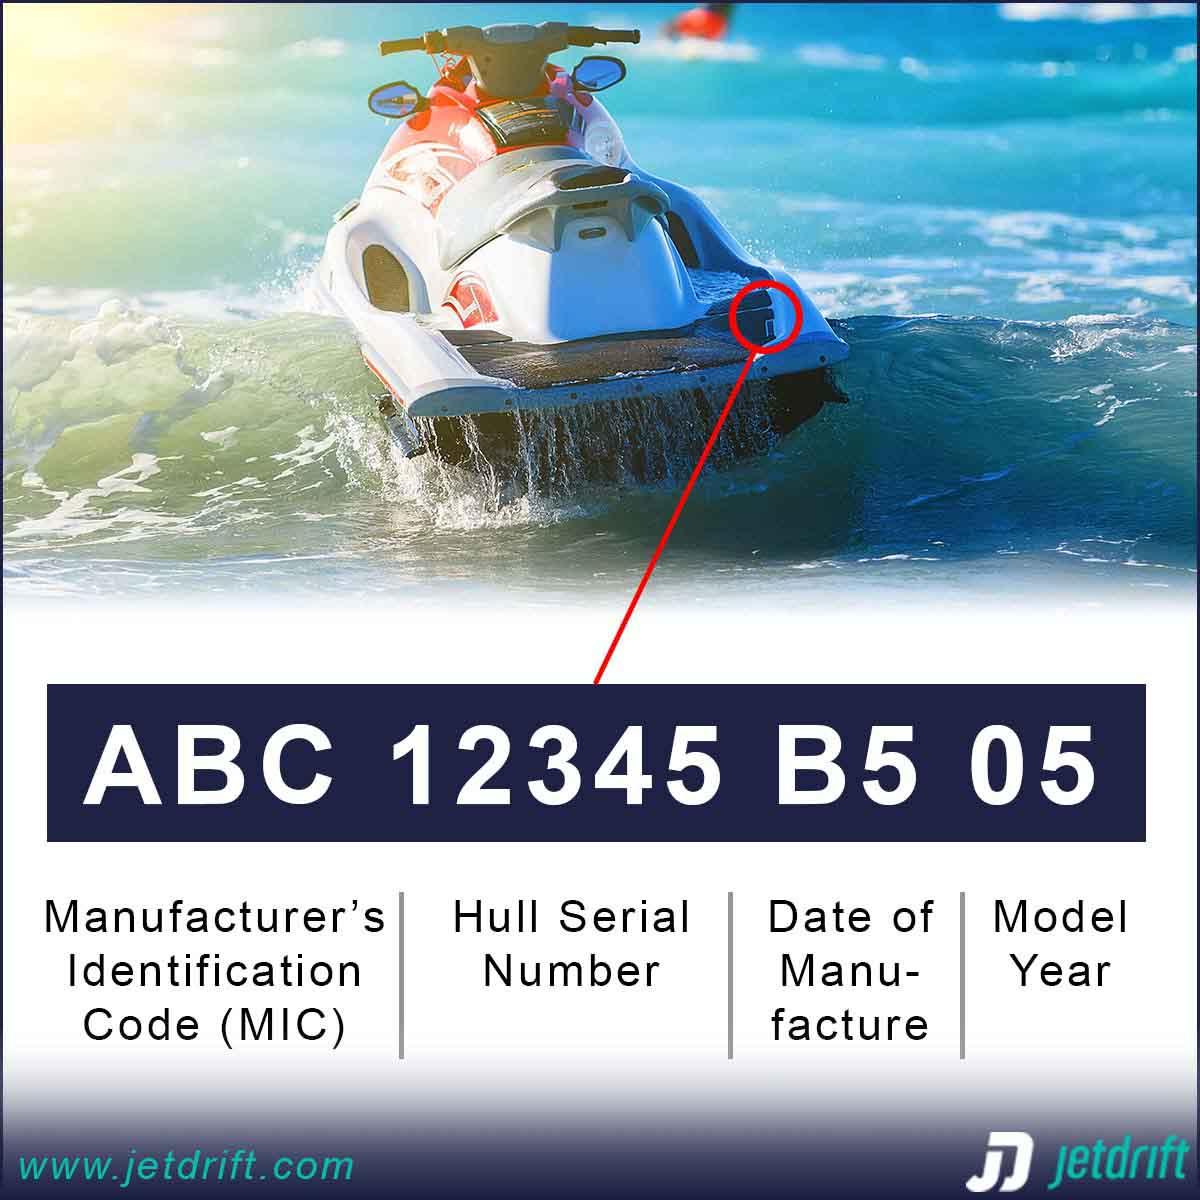 Jet ski HIN number explained